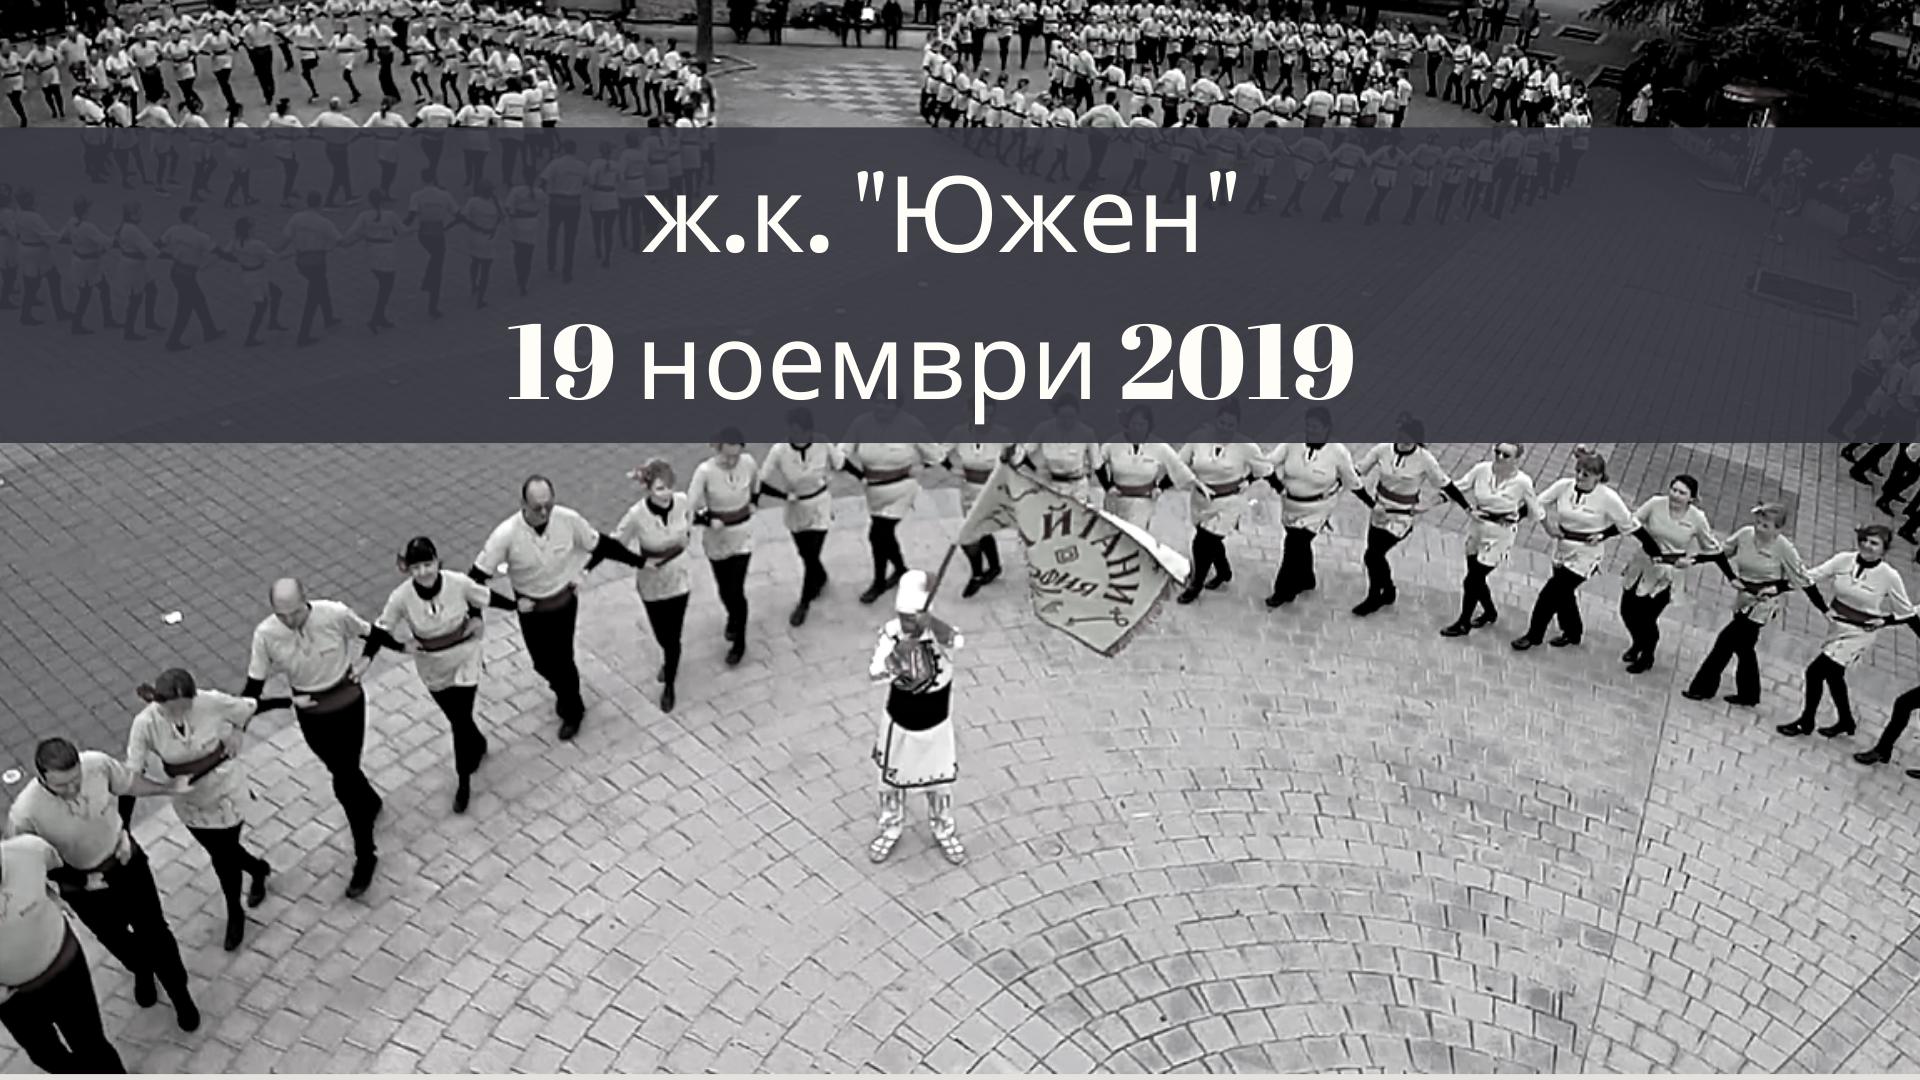 Снимка на статия за събития на школа по народни танци.Photo for Южен - град Пловдив article.